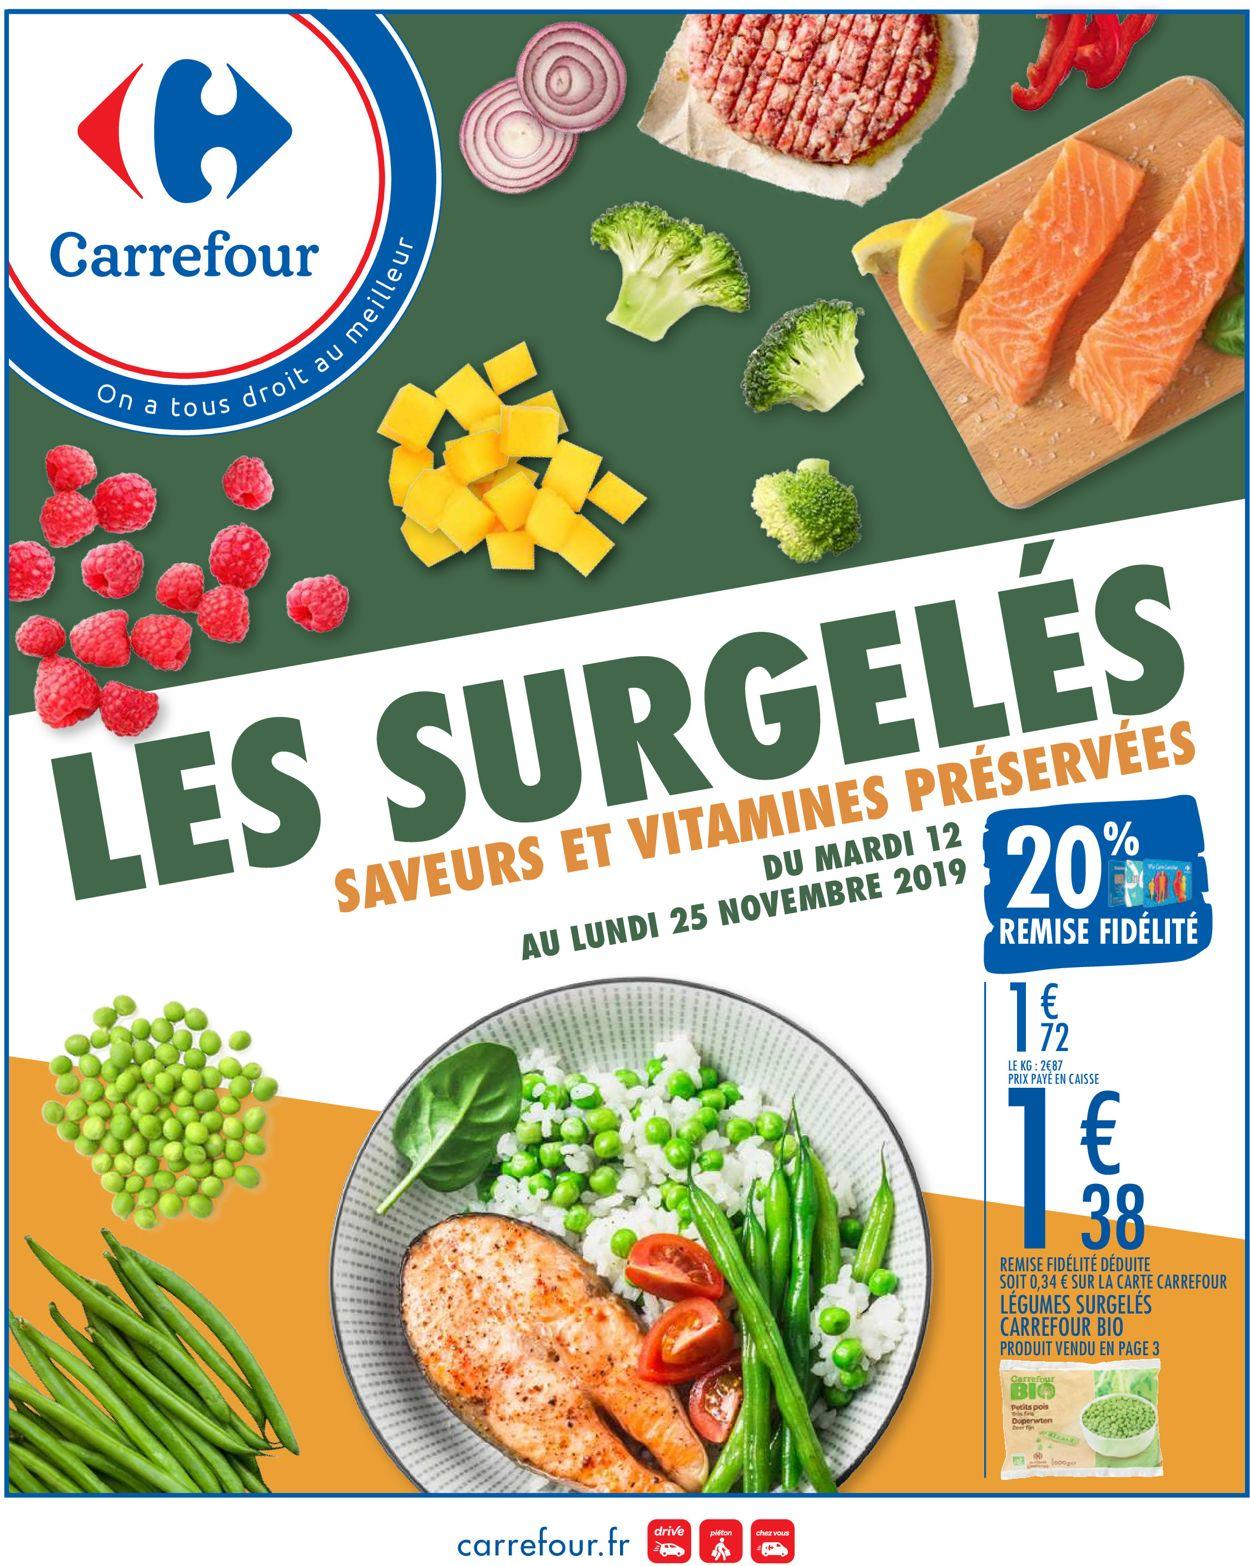 Carrefour Catalogue - 12.11-25.11.2019